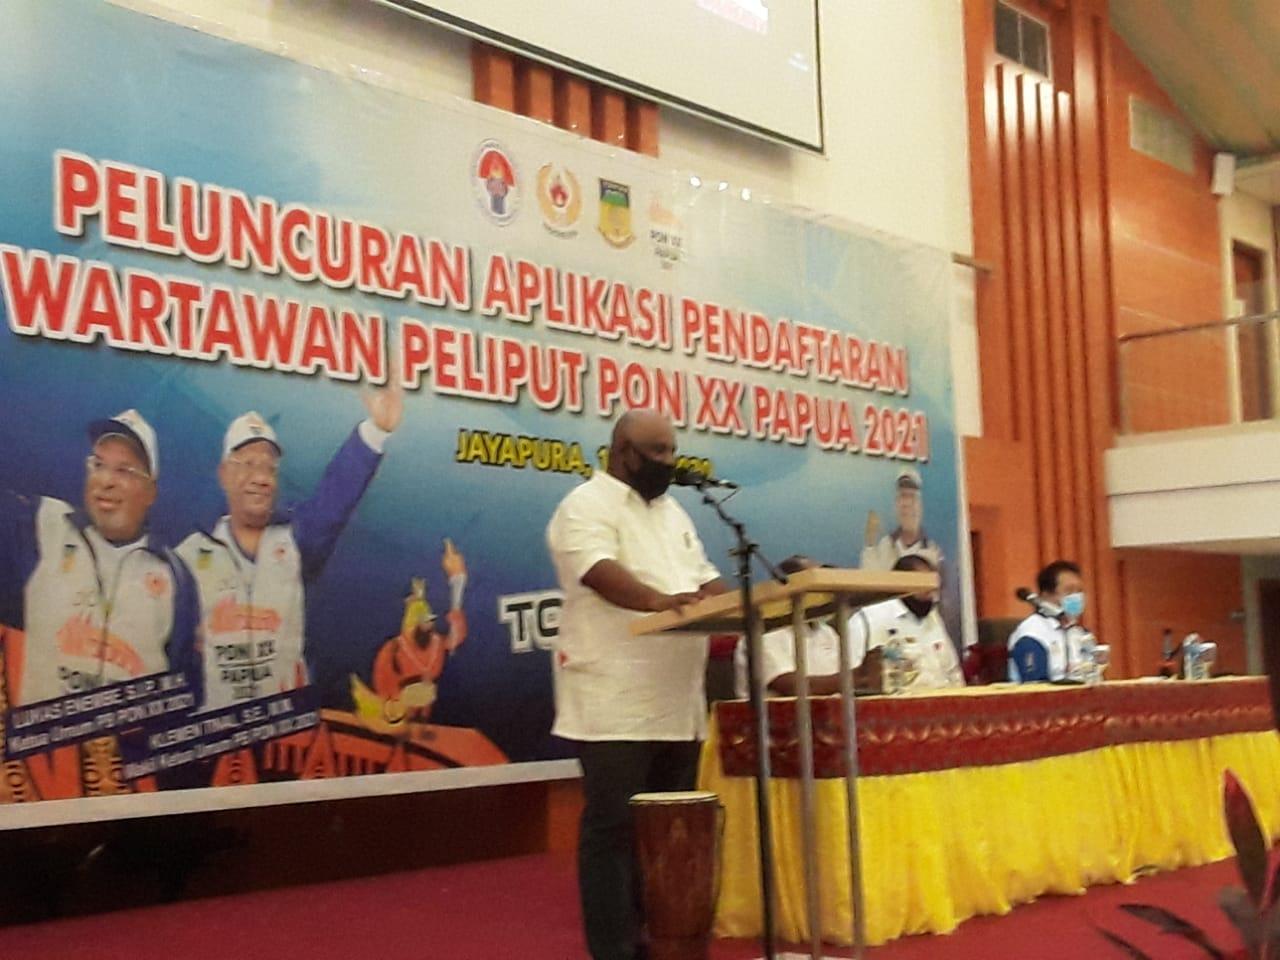 Semua Wartawan Peliputan PON XX 2021 Di Wajibkan Daftar ...